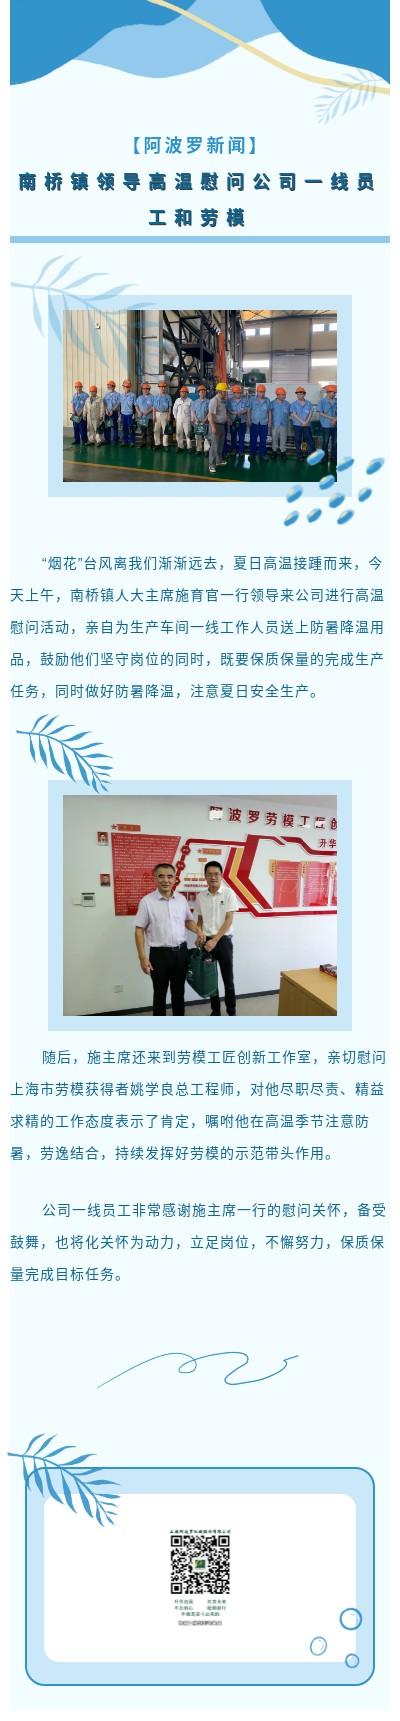 【阿波罗新闻】南桥镇领导高温慰问公司一线员工和劳模